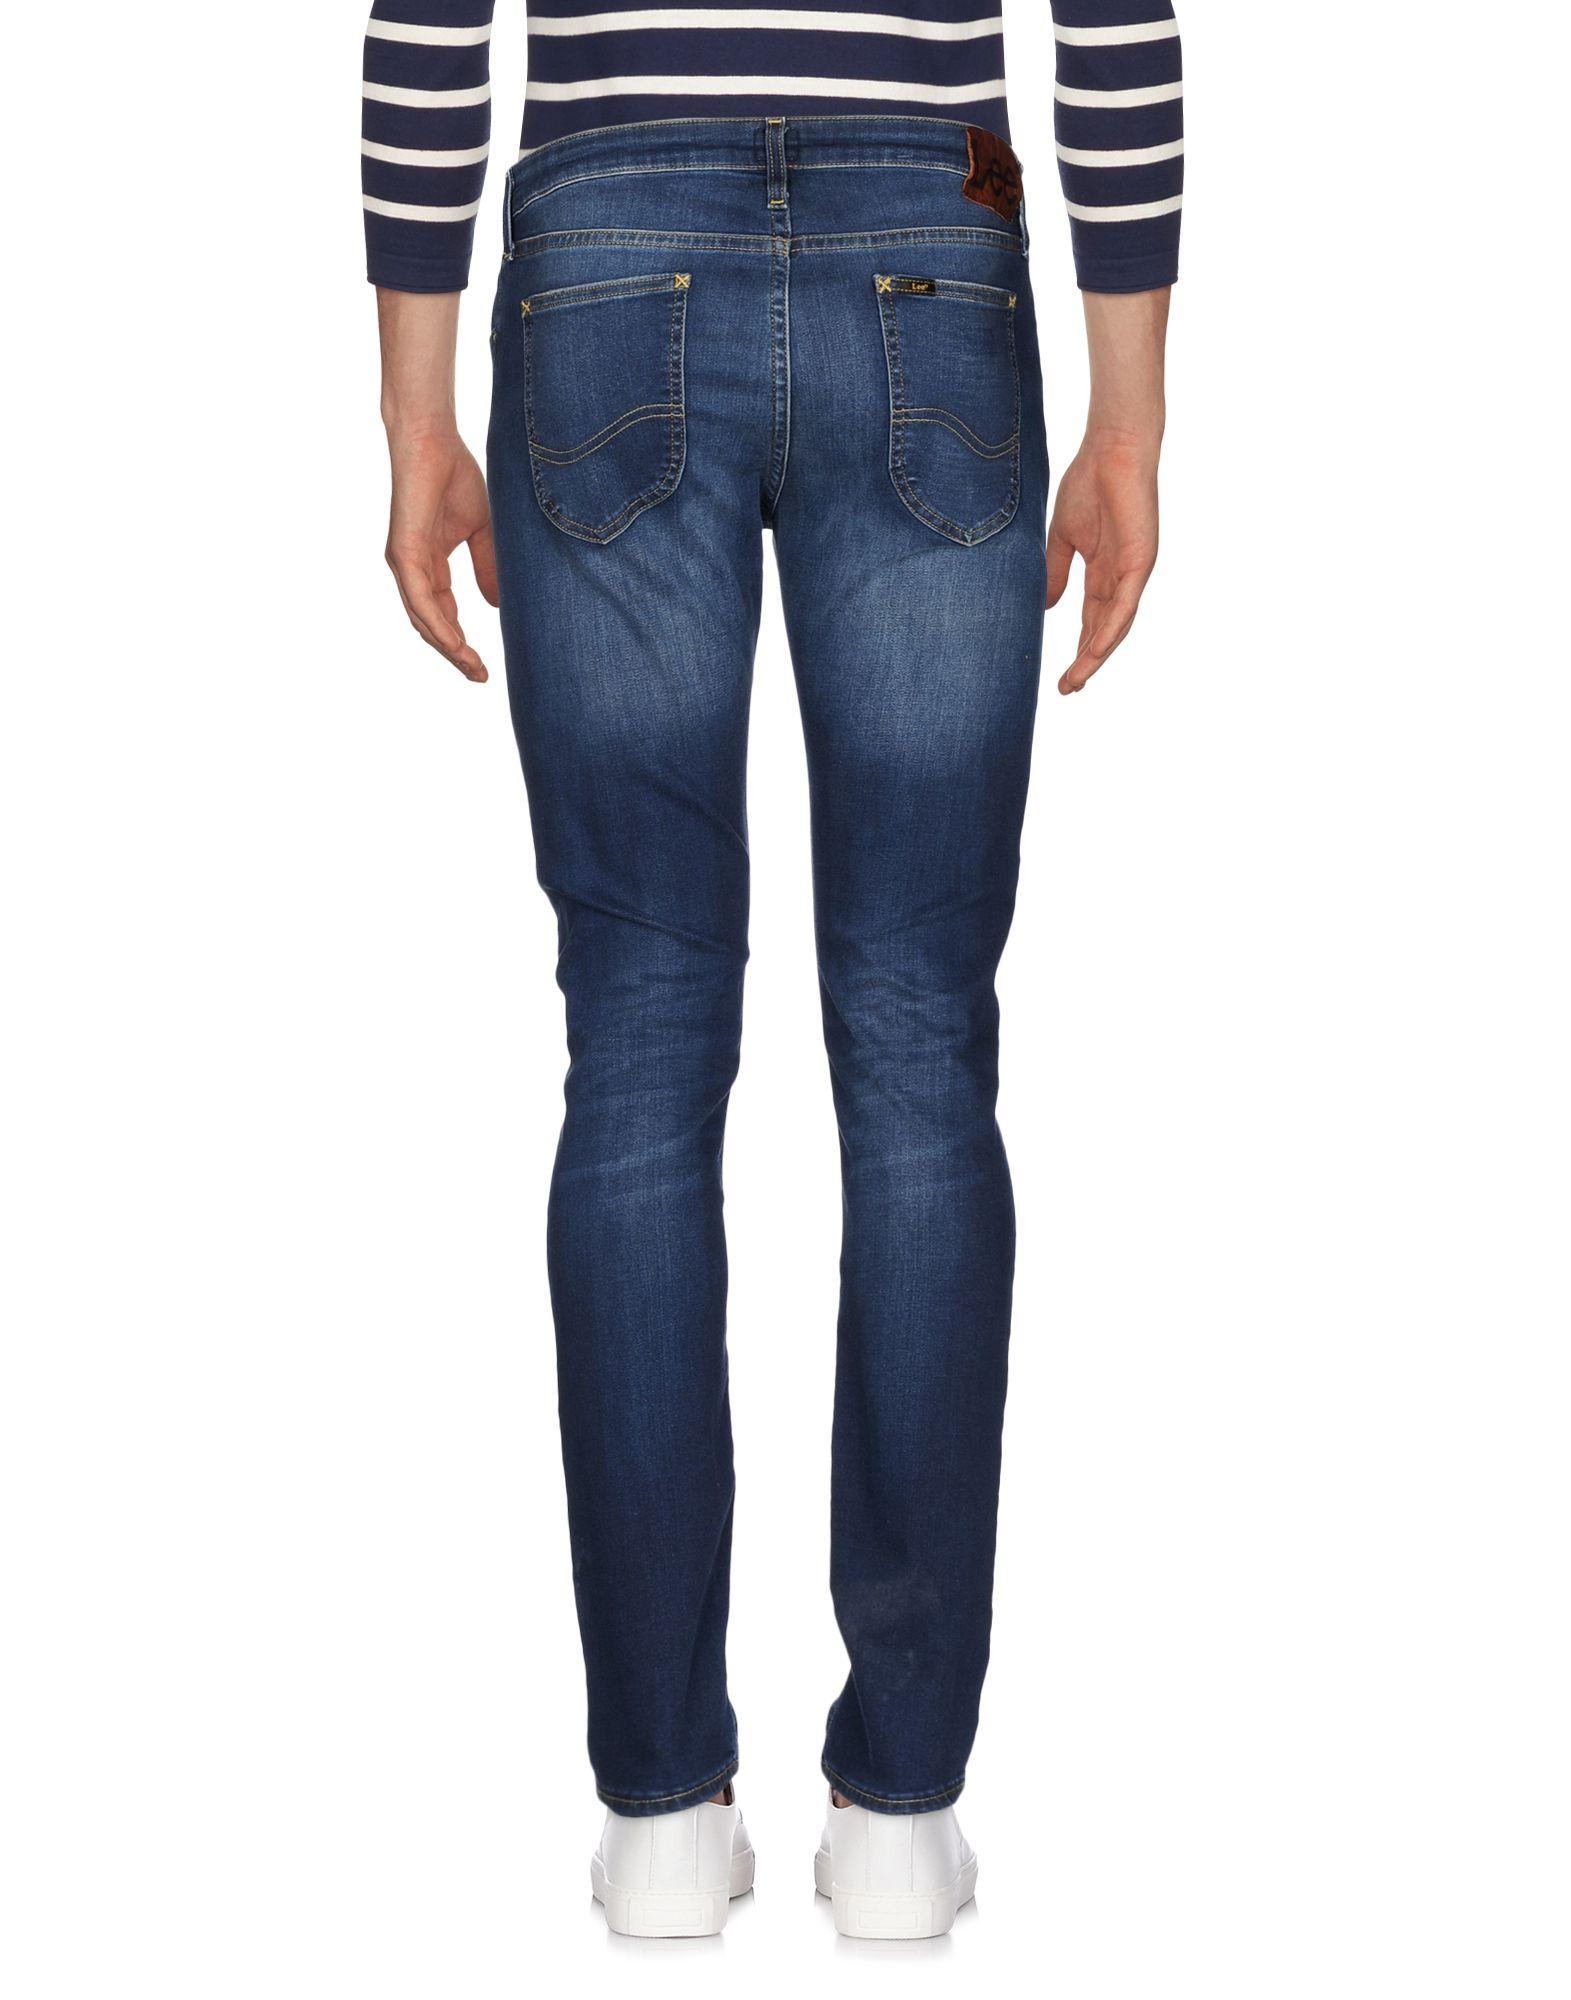 Pantaloni Jeans Jeans Pantaloni Lee Uomo - 42641161CC e58ed6